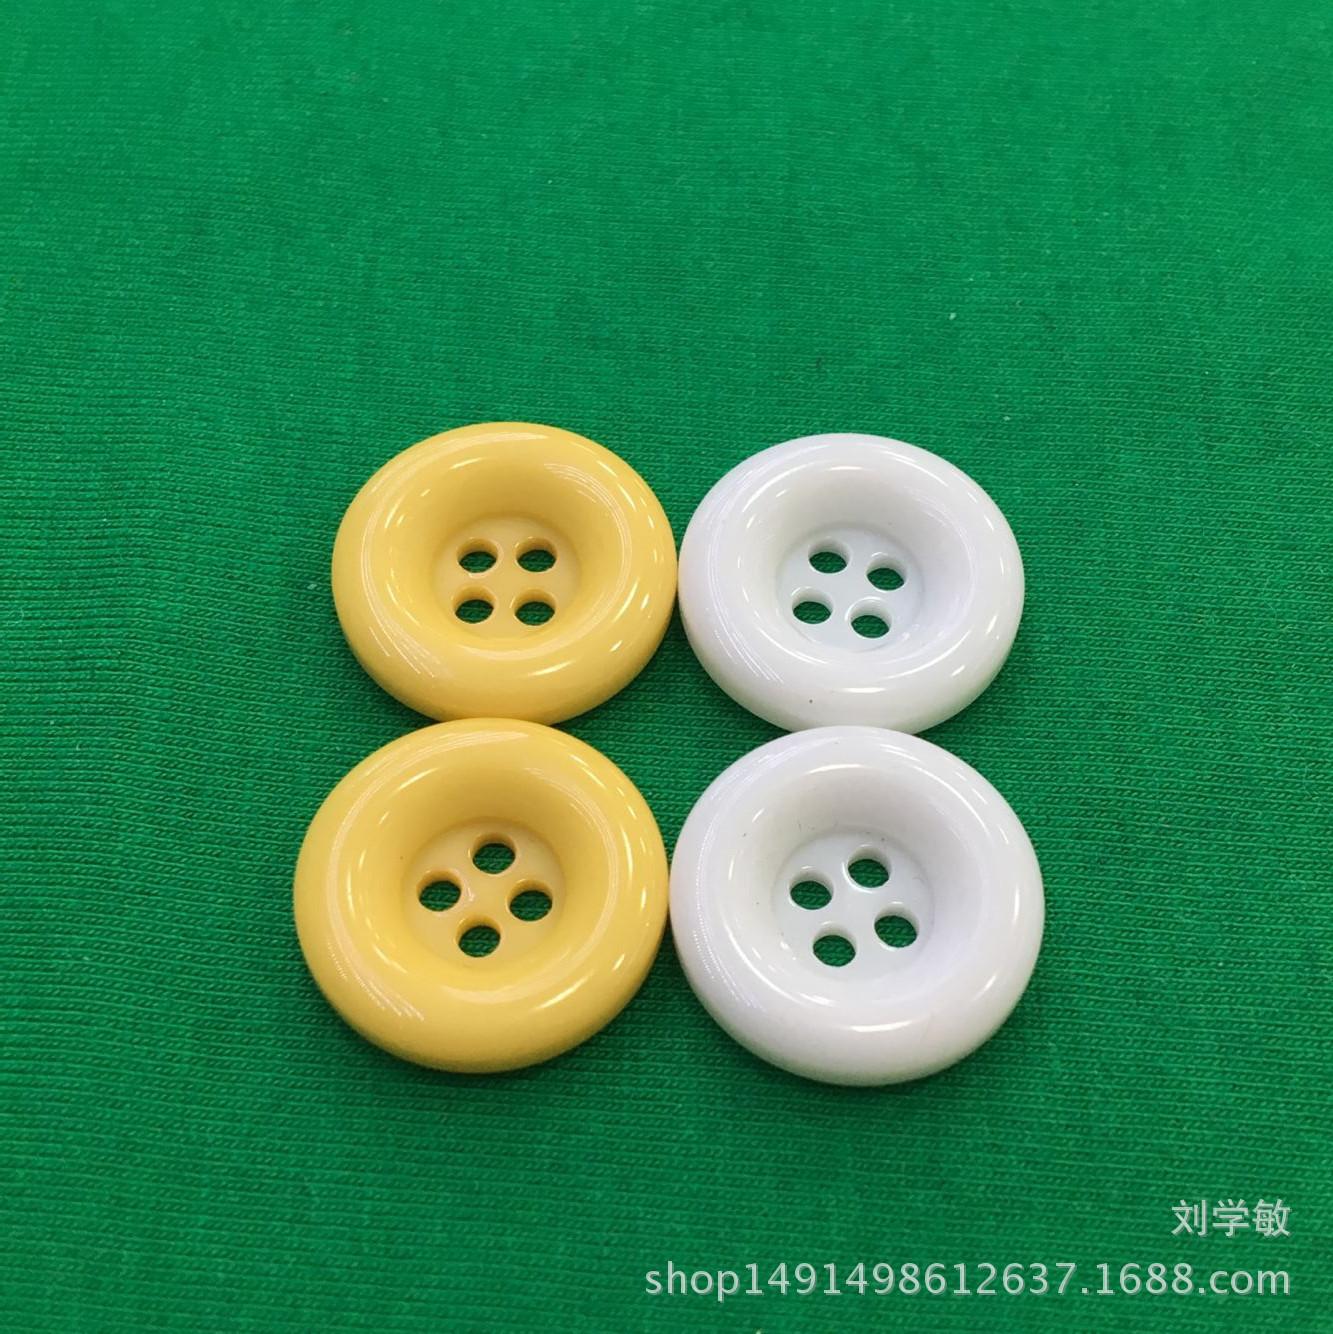 东省增哹n��.9d�:ea_4061dc20ea5d9d3ac0b4ec0281bbfa